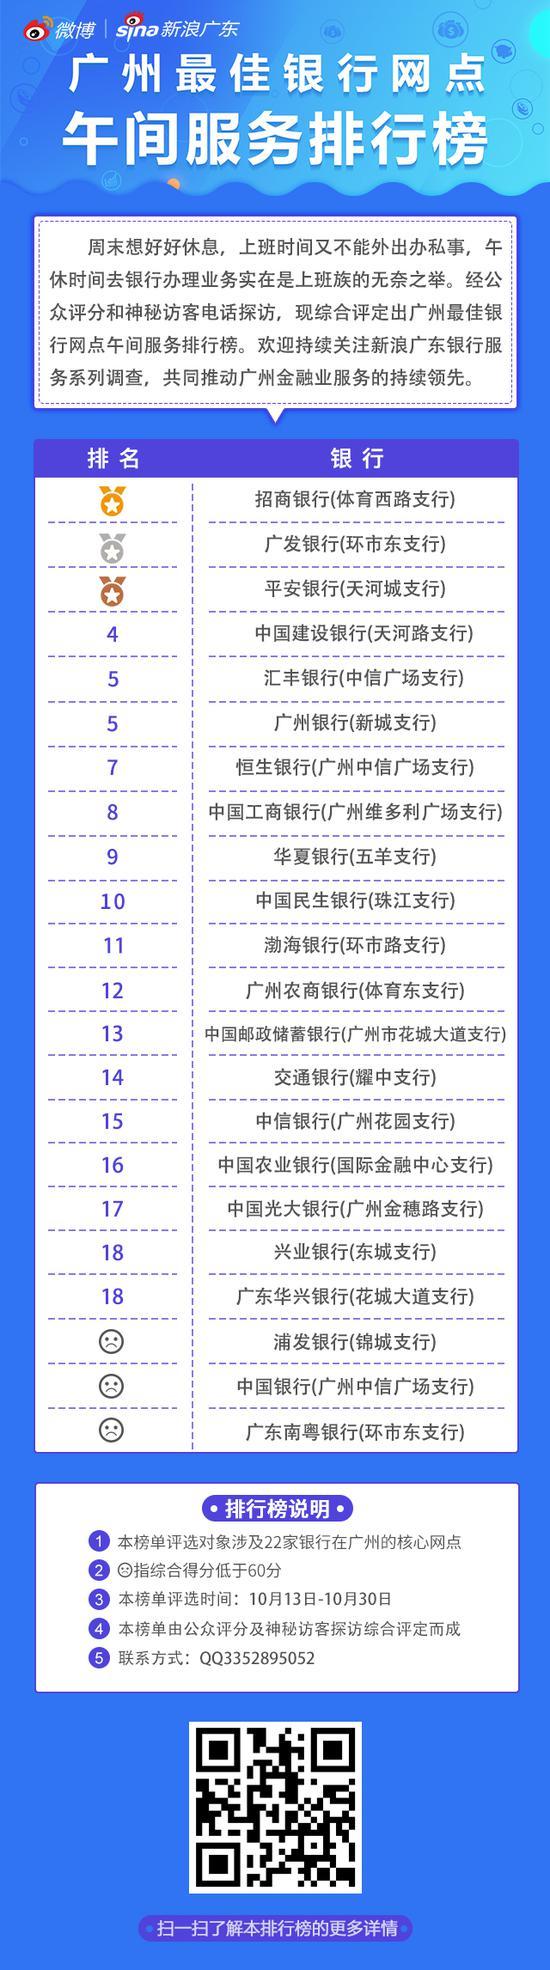 广州各银行网点午间服务排行榜